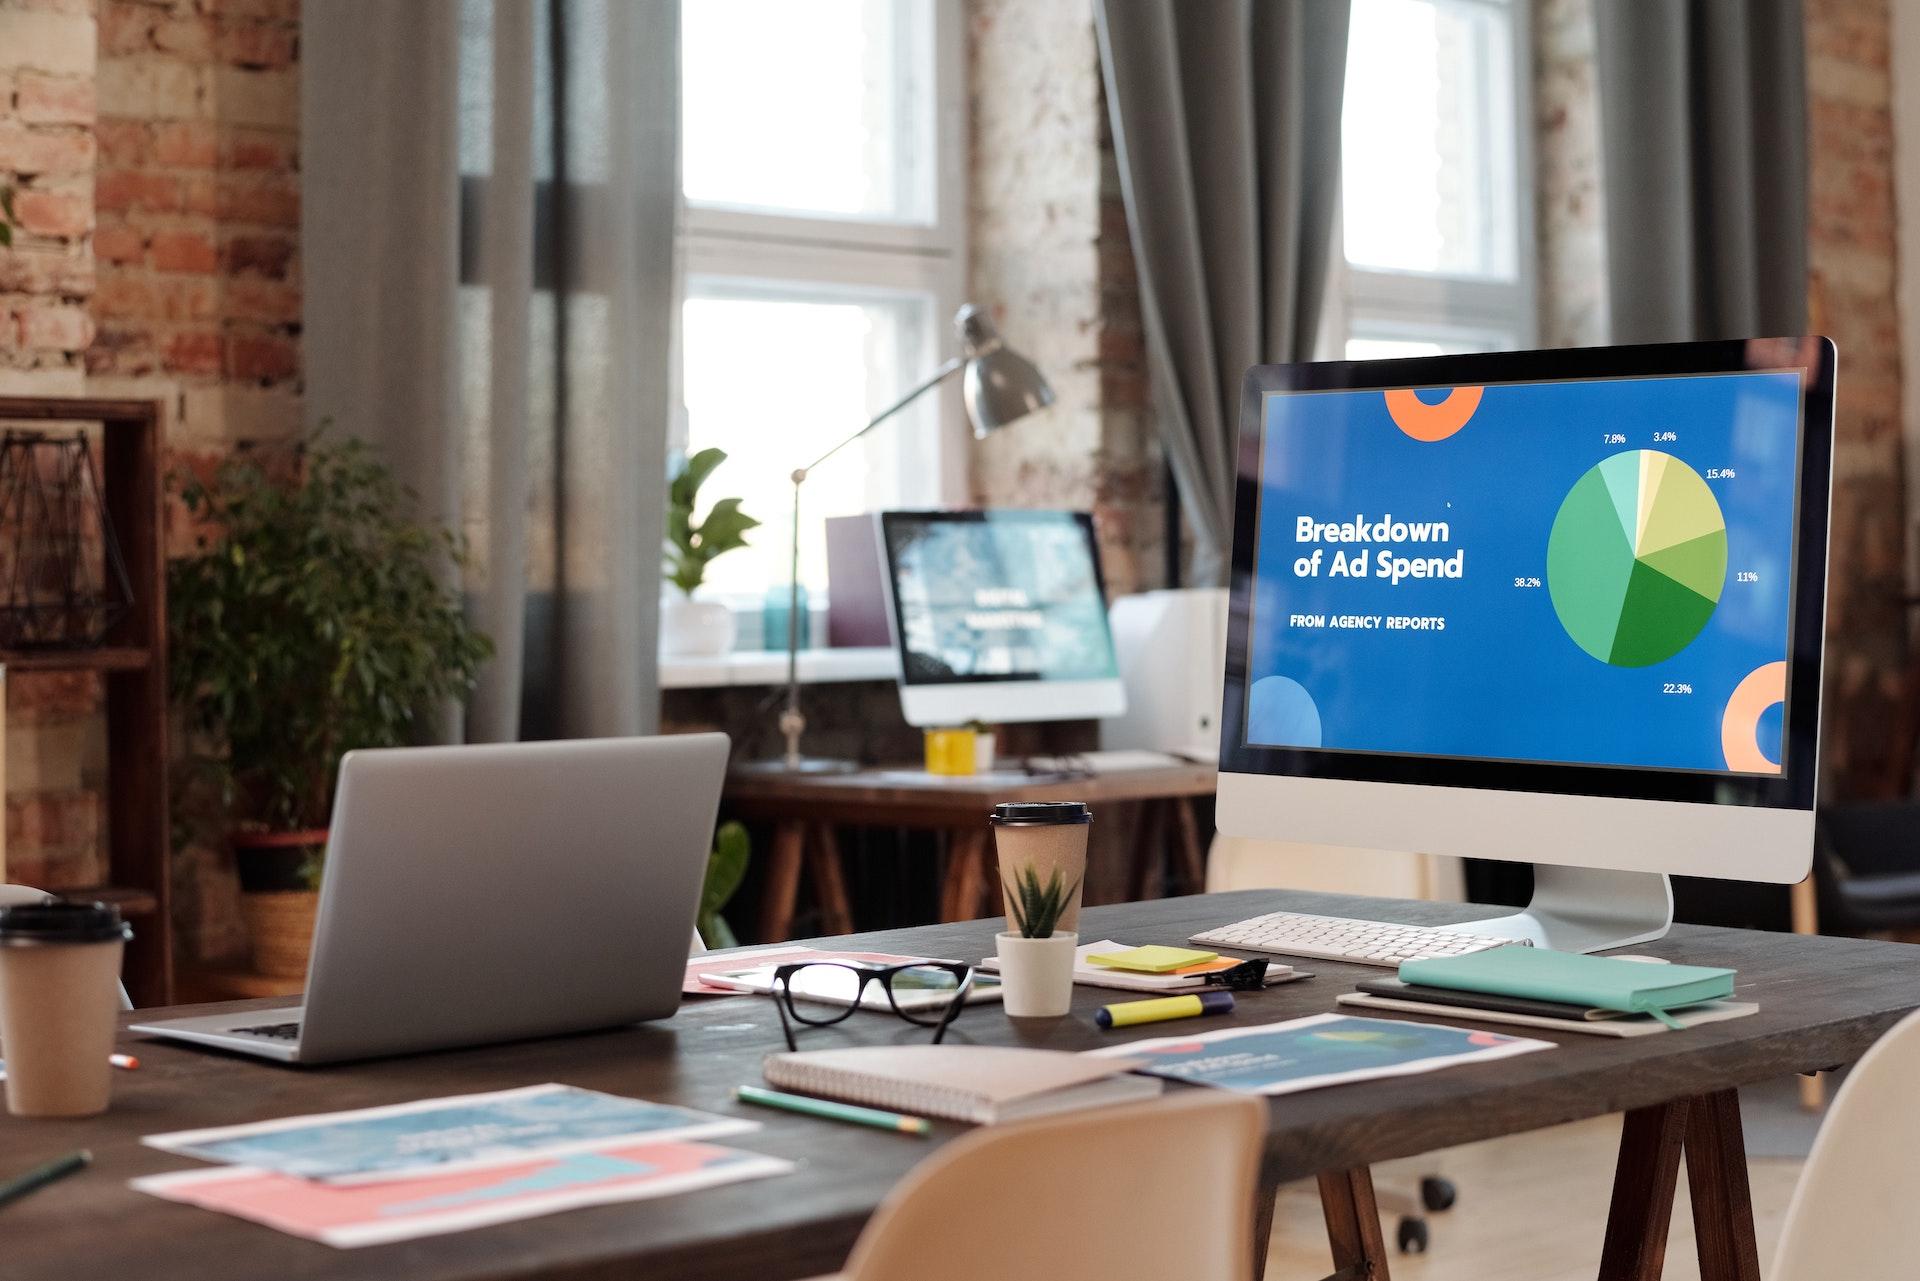 Ważne fakty, o których powinieneś wiedzieć zanim rozpoczniesz współpracę z agencją reklamową - część 2: Wielkość agencji